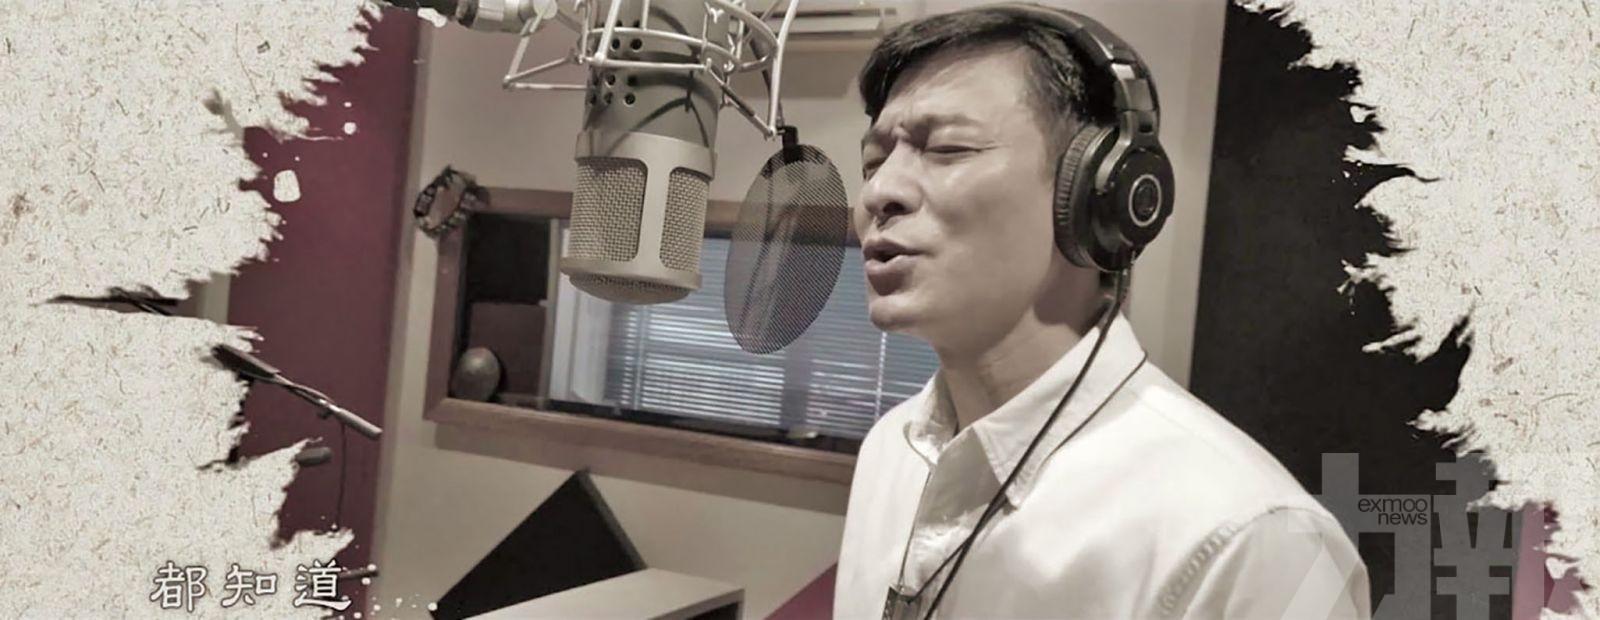 劉德華寫歌鼓勵前線醫護